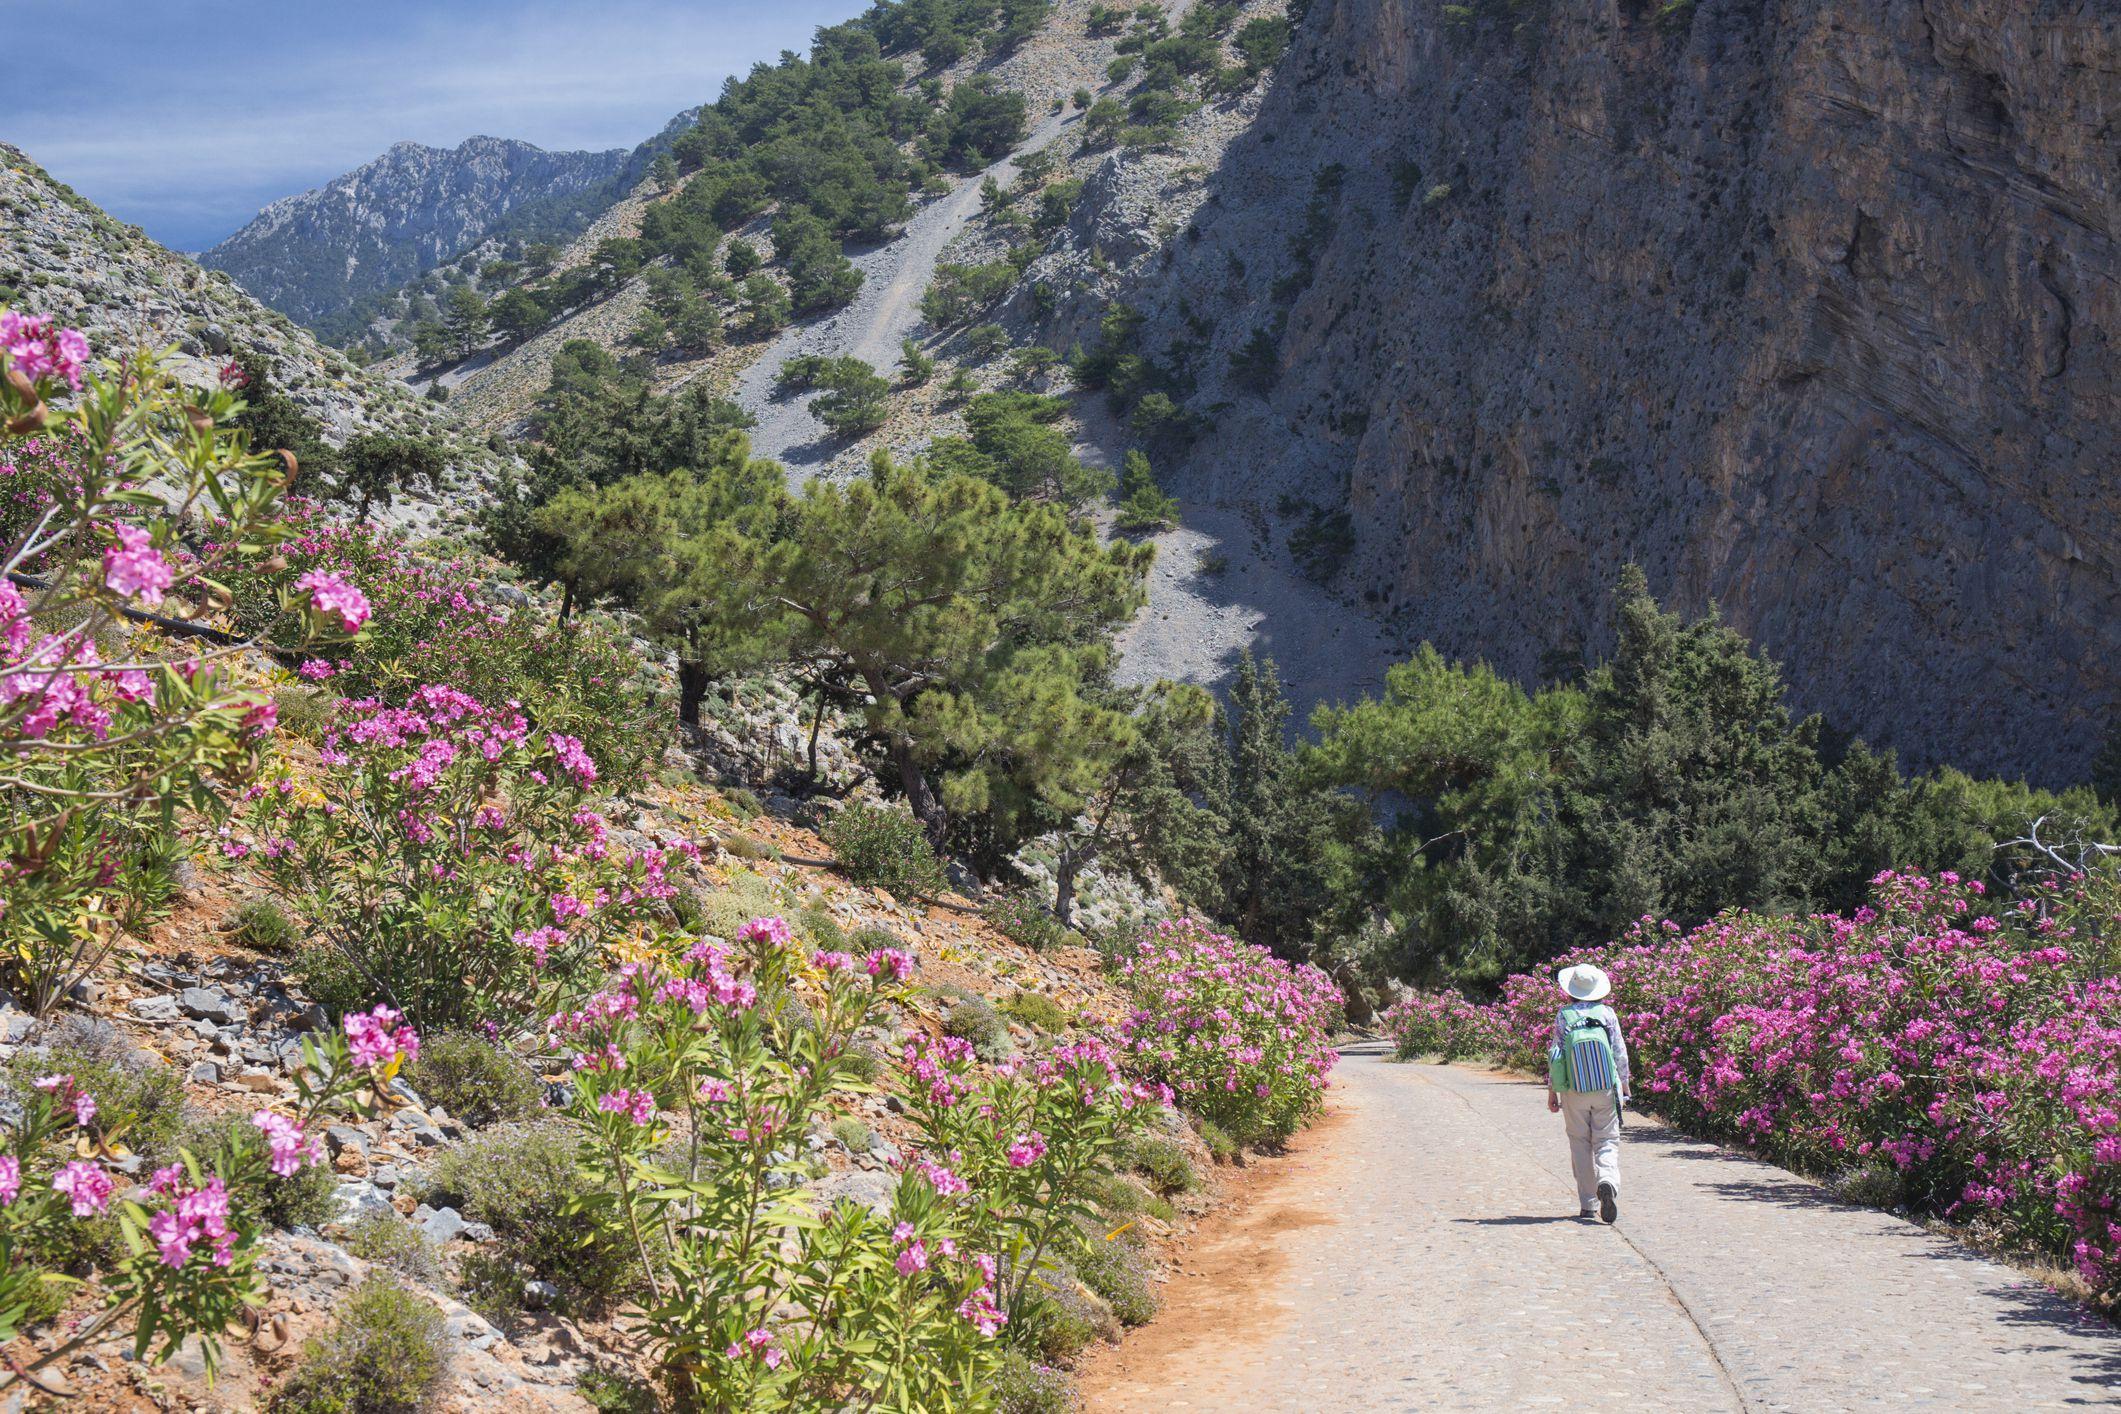 Entering the Samaria Gorge, Agia Roumeli, Crete